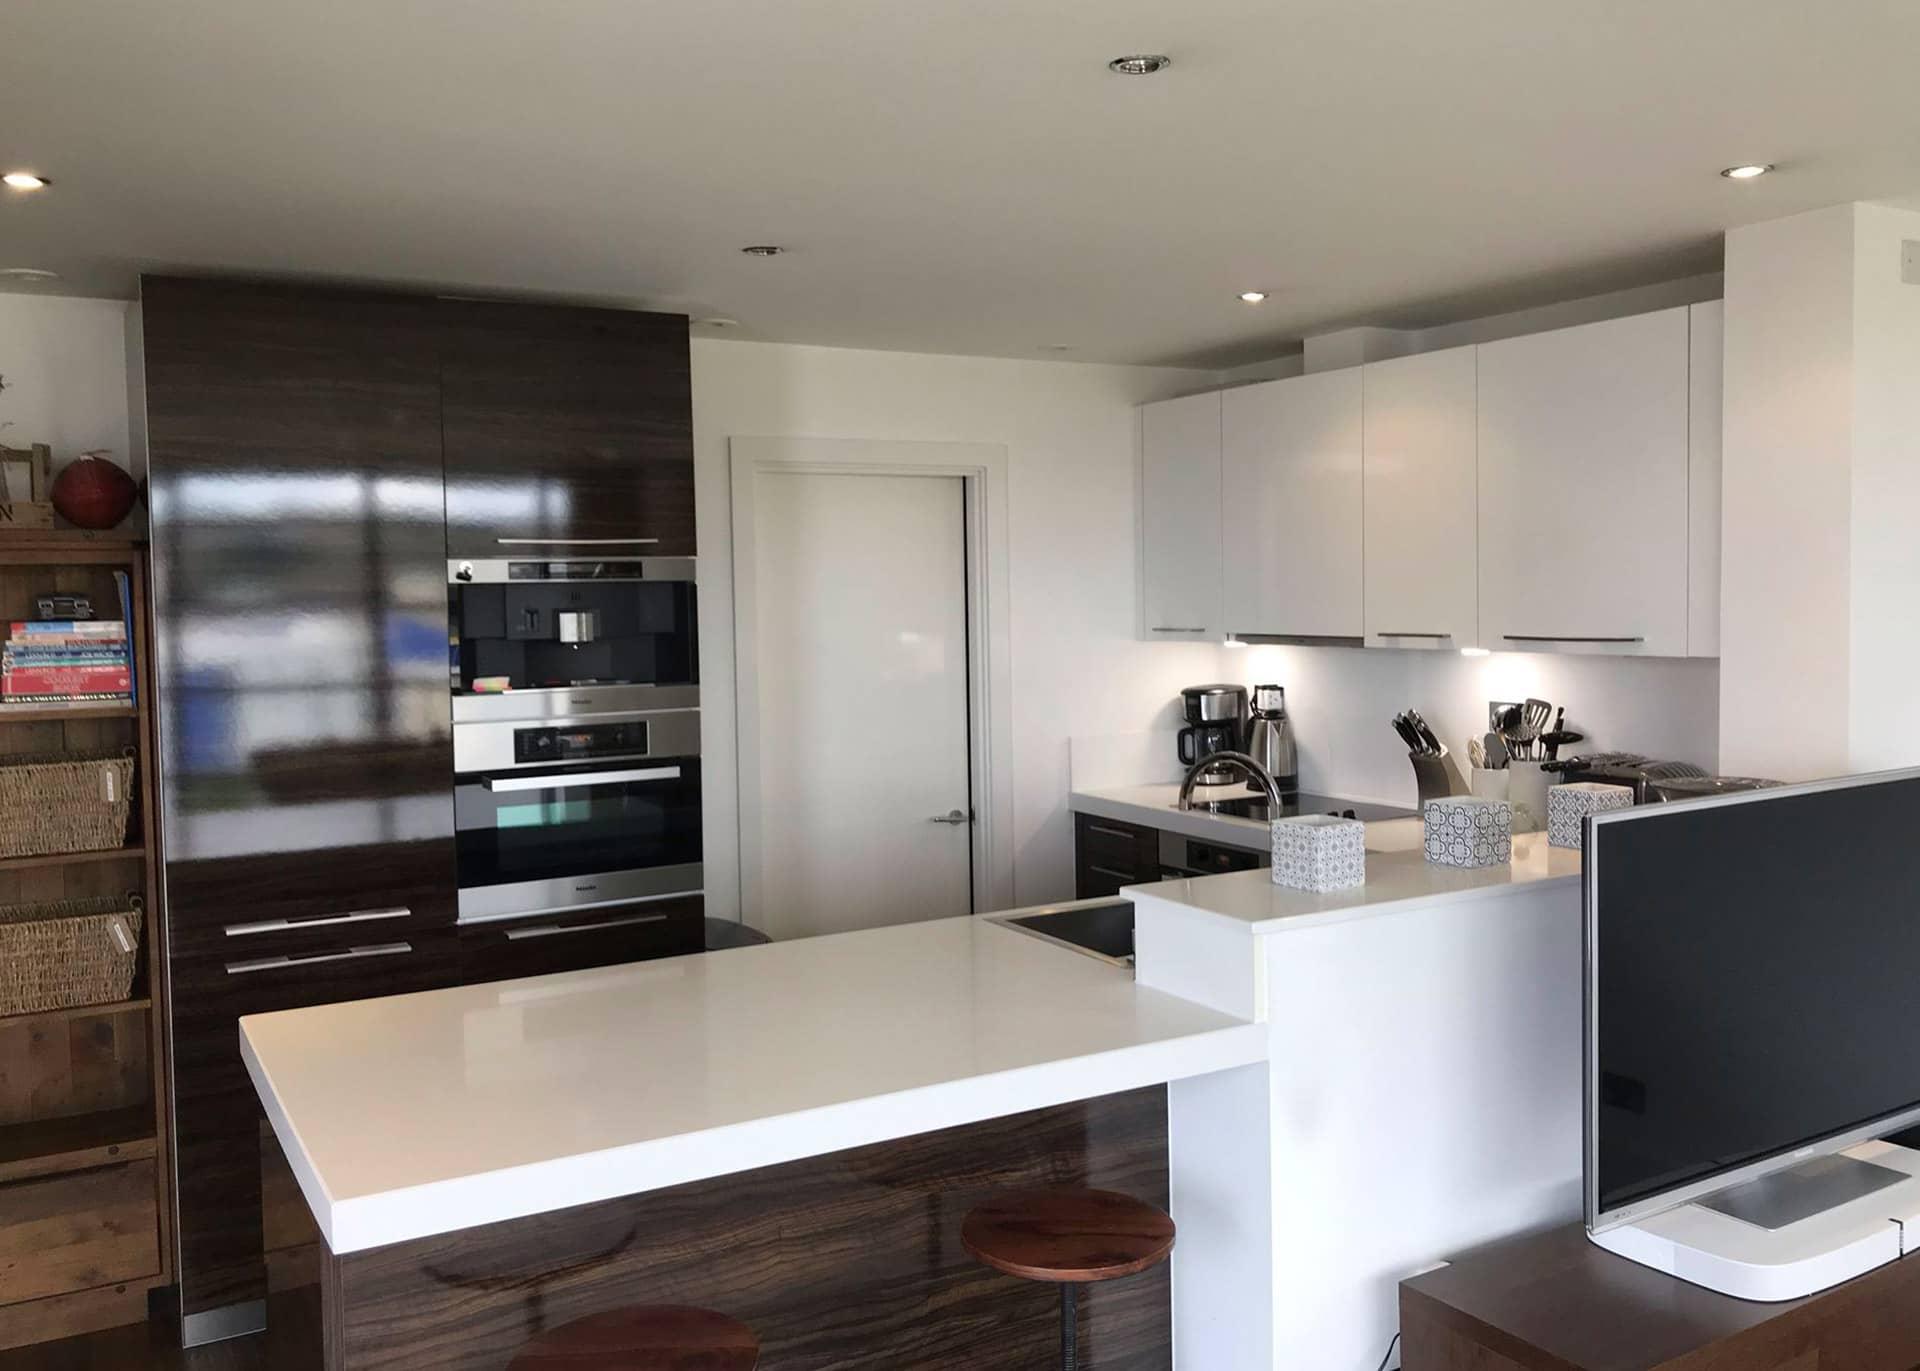 B517 Millais House Castle Quay kitchen